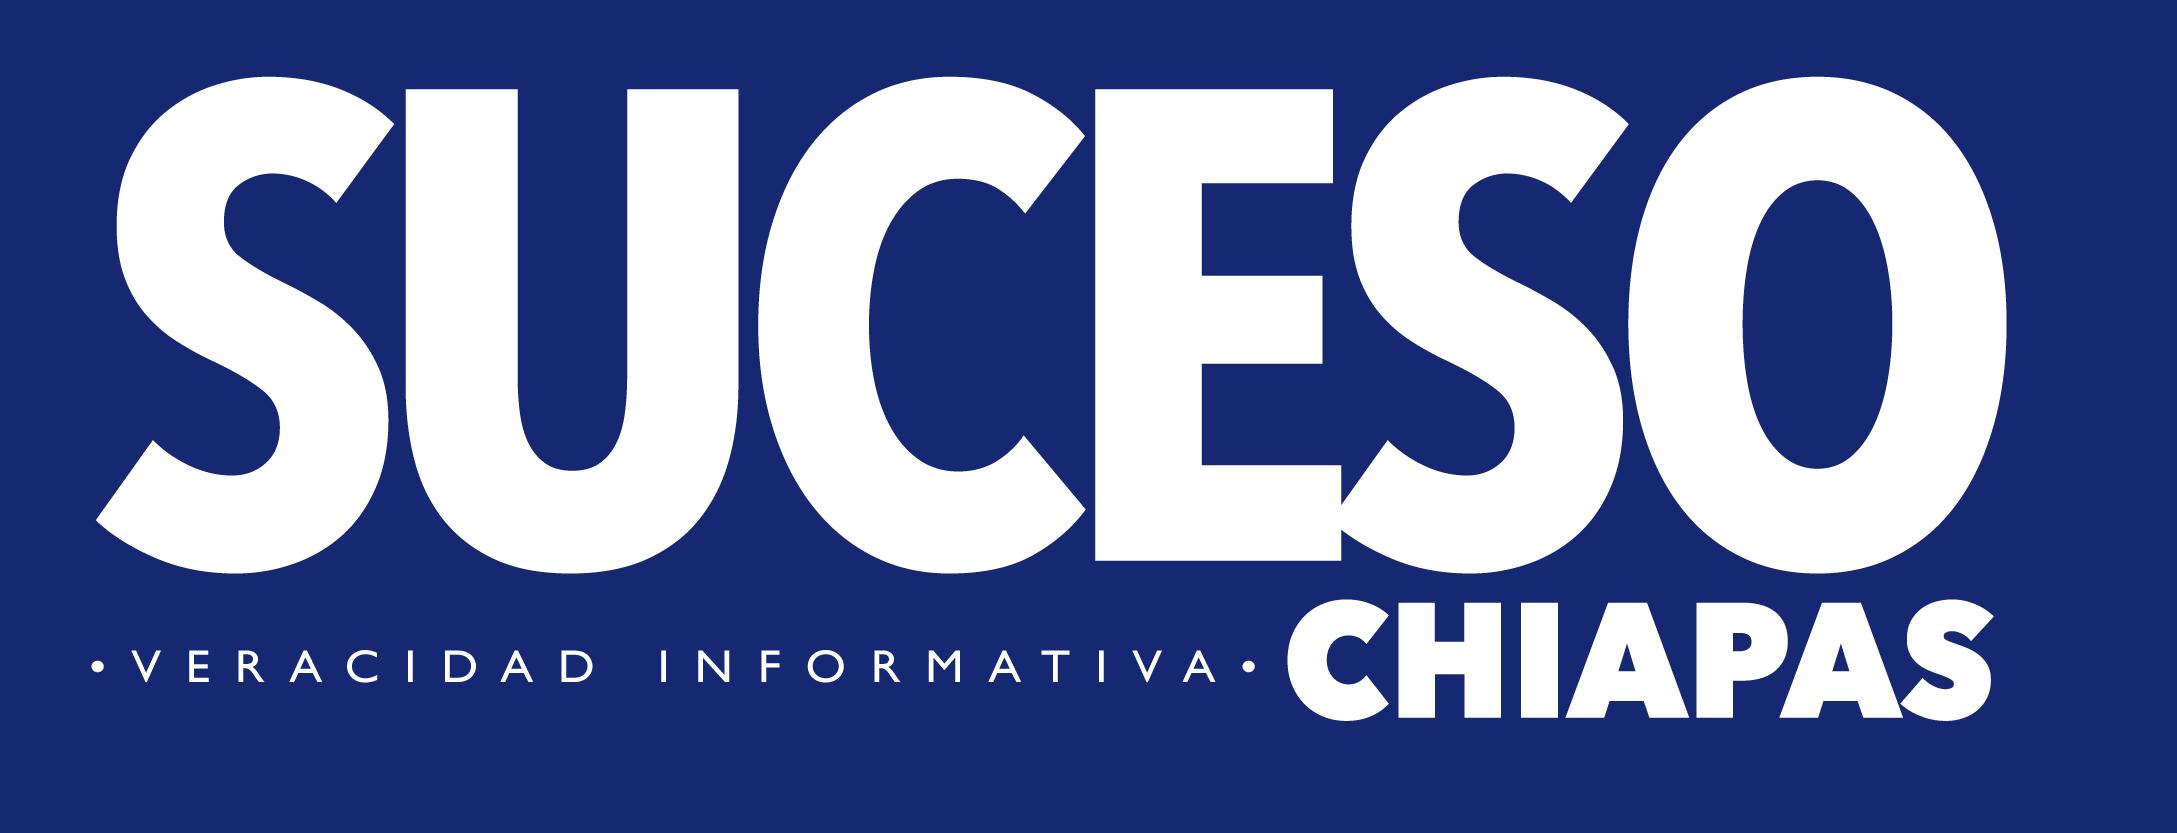 Suceso Chiapas - Veracidad Informativa